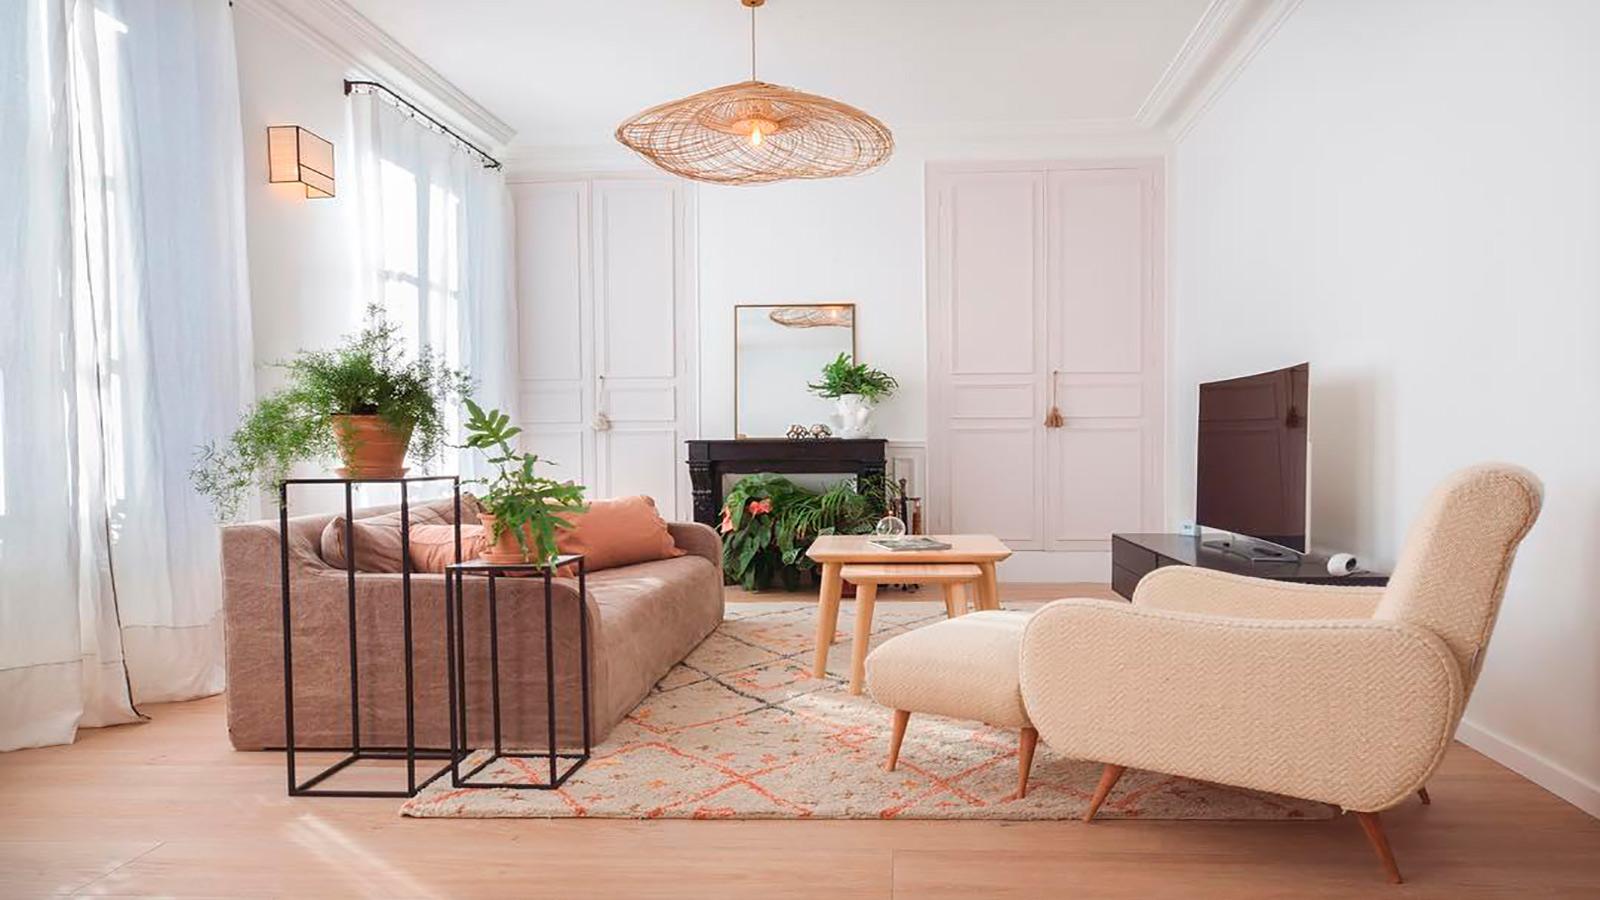 Consigli Per La Casa alixia cafè: 5 consigli per creare una casa più intima e